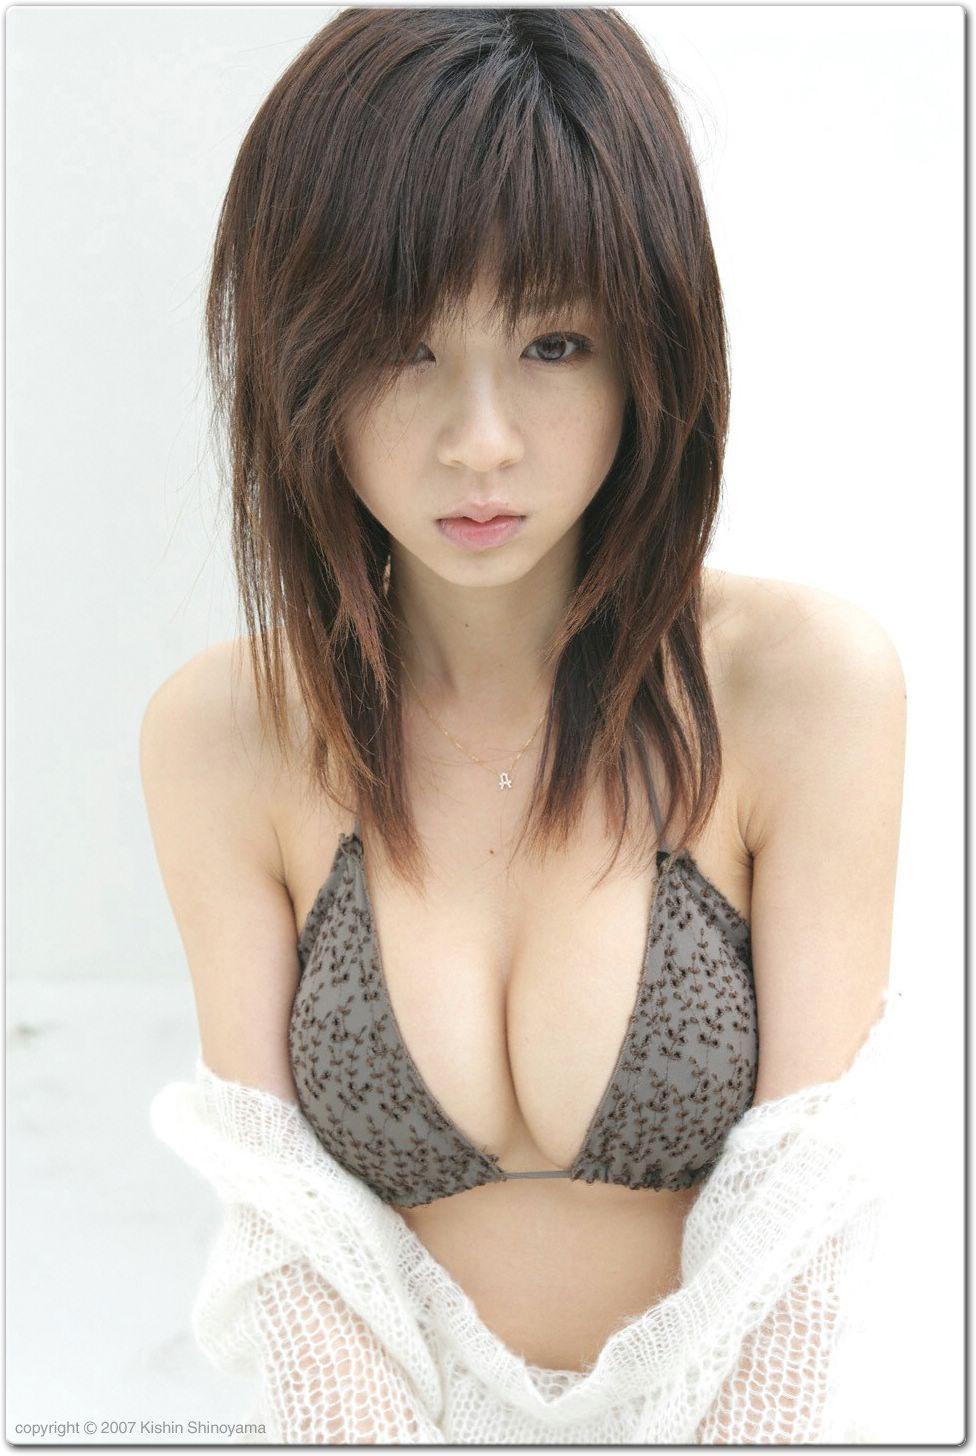 Юные японские девочки порно фото 7 фотография